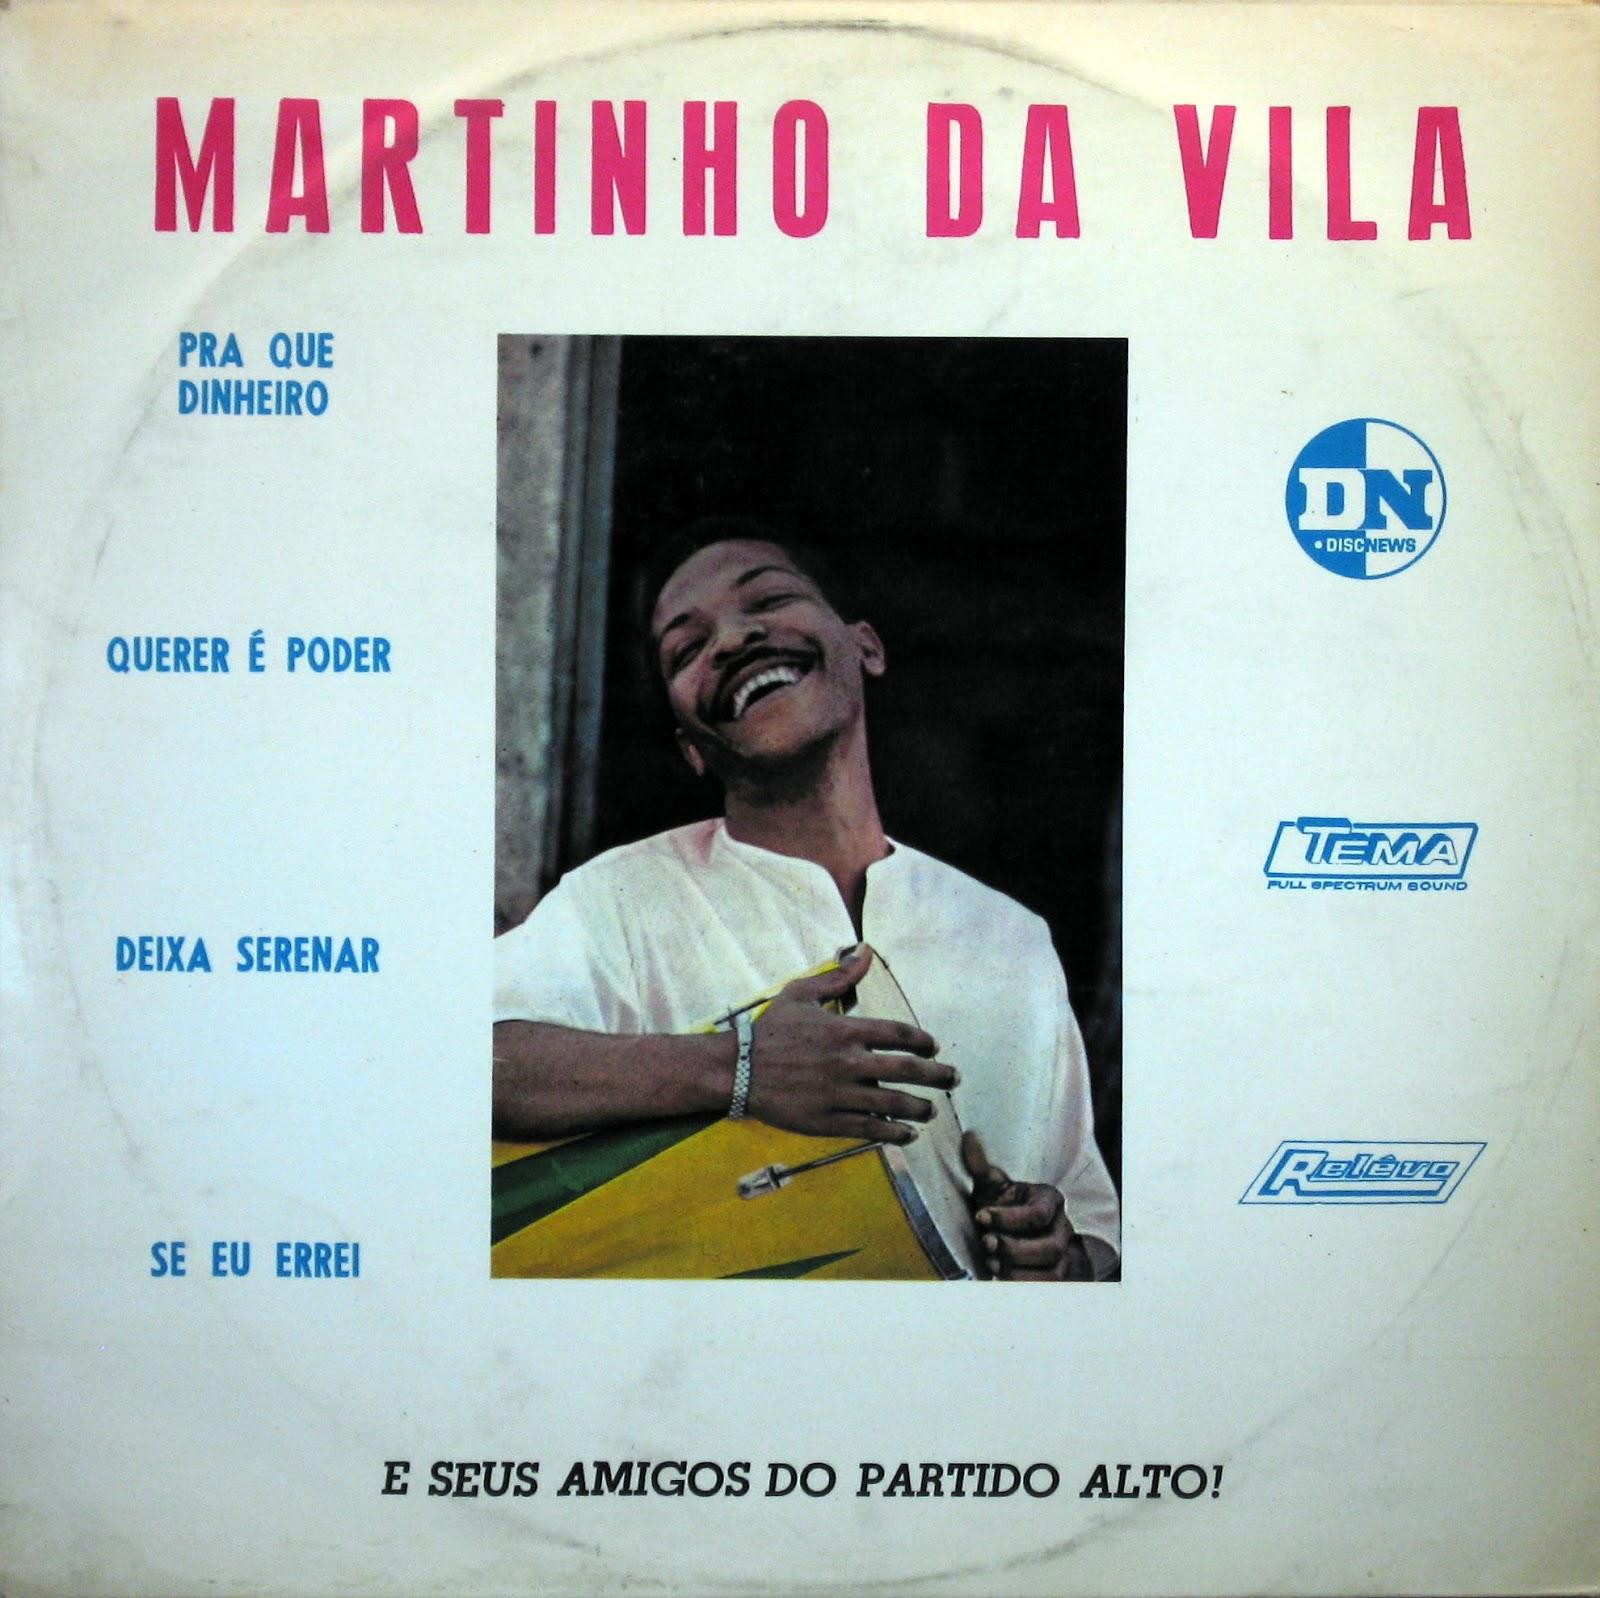 MARTINHO VILA DA 2009 CD BAIXAR GRATIS